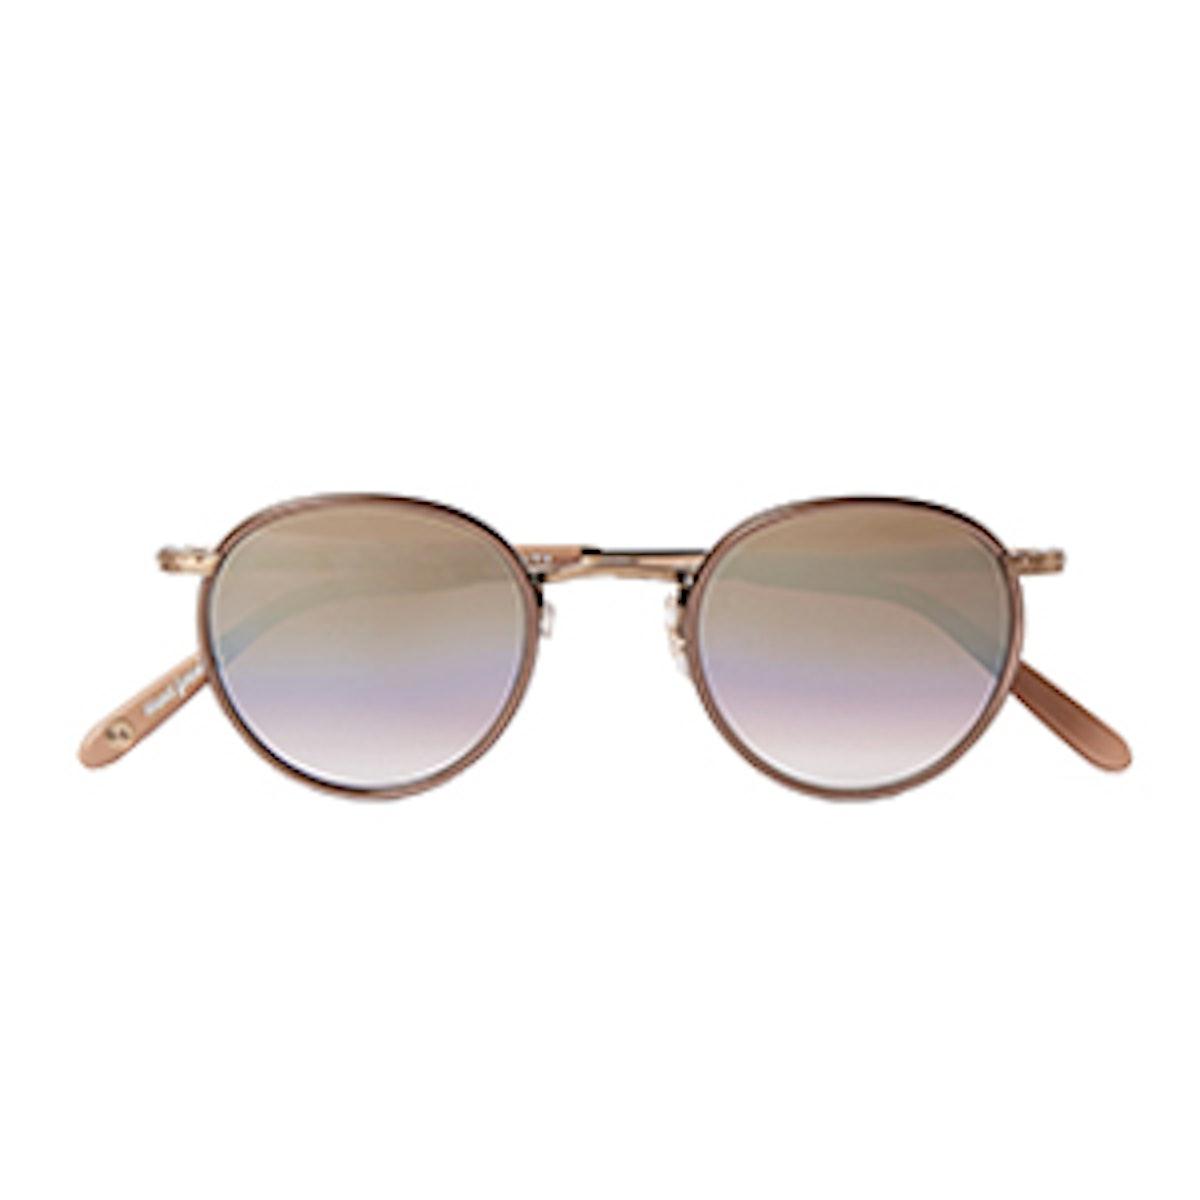 Wilson 46 Round-Frame Mirrored Sunglasses